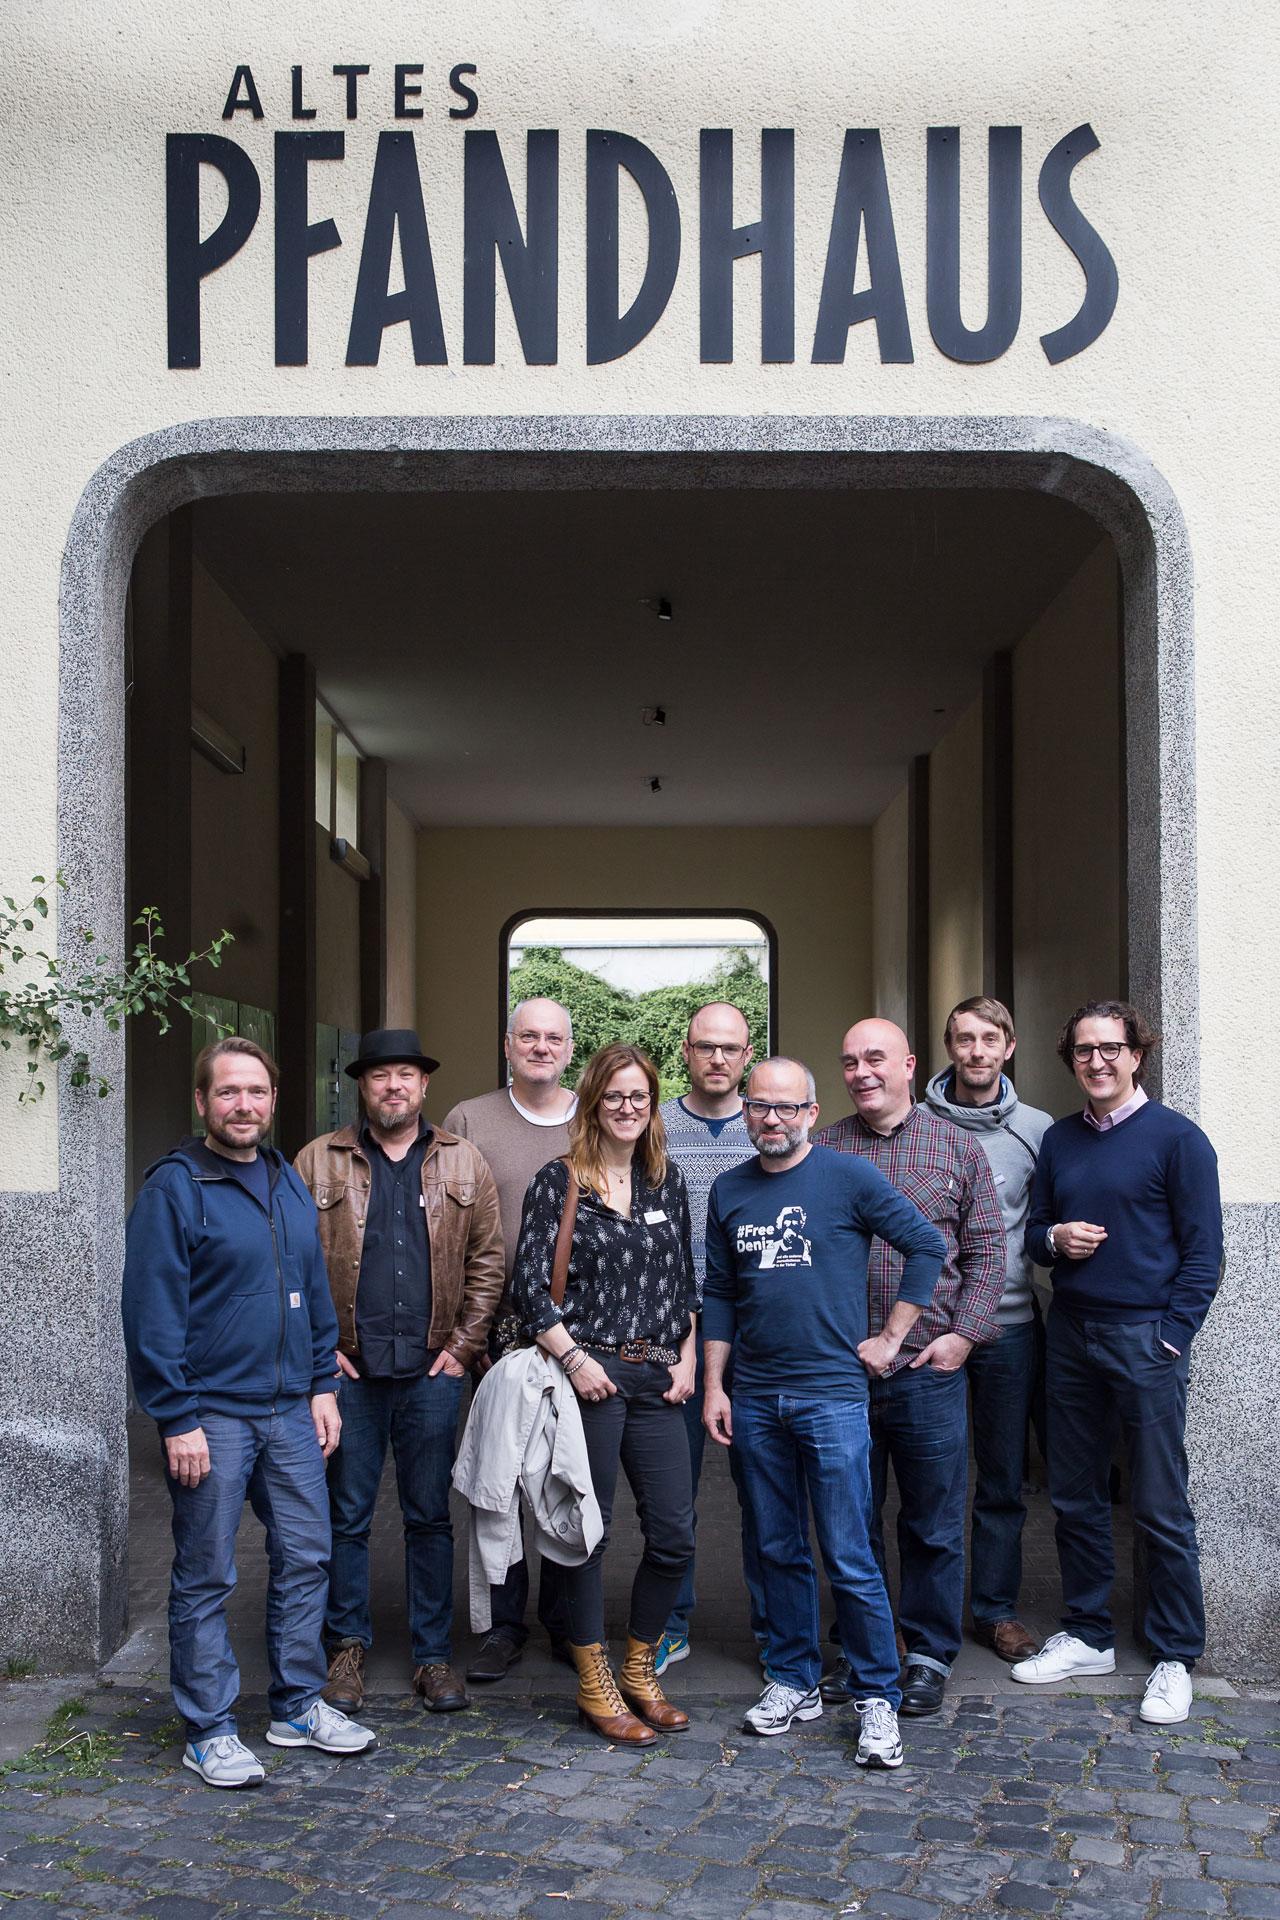 Eure Mitglieder im Vorstand: Janko Woltersmann, Bernd Lauter, Rainer F. Steußloff, Nicole Maskus-Trippel, Johannes Arlt, Roland Geisheimer, Rüdiger Wölk, Kay Michalak und Thorsten Jochim.